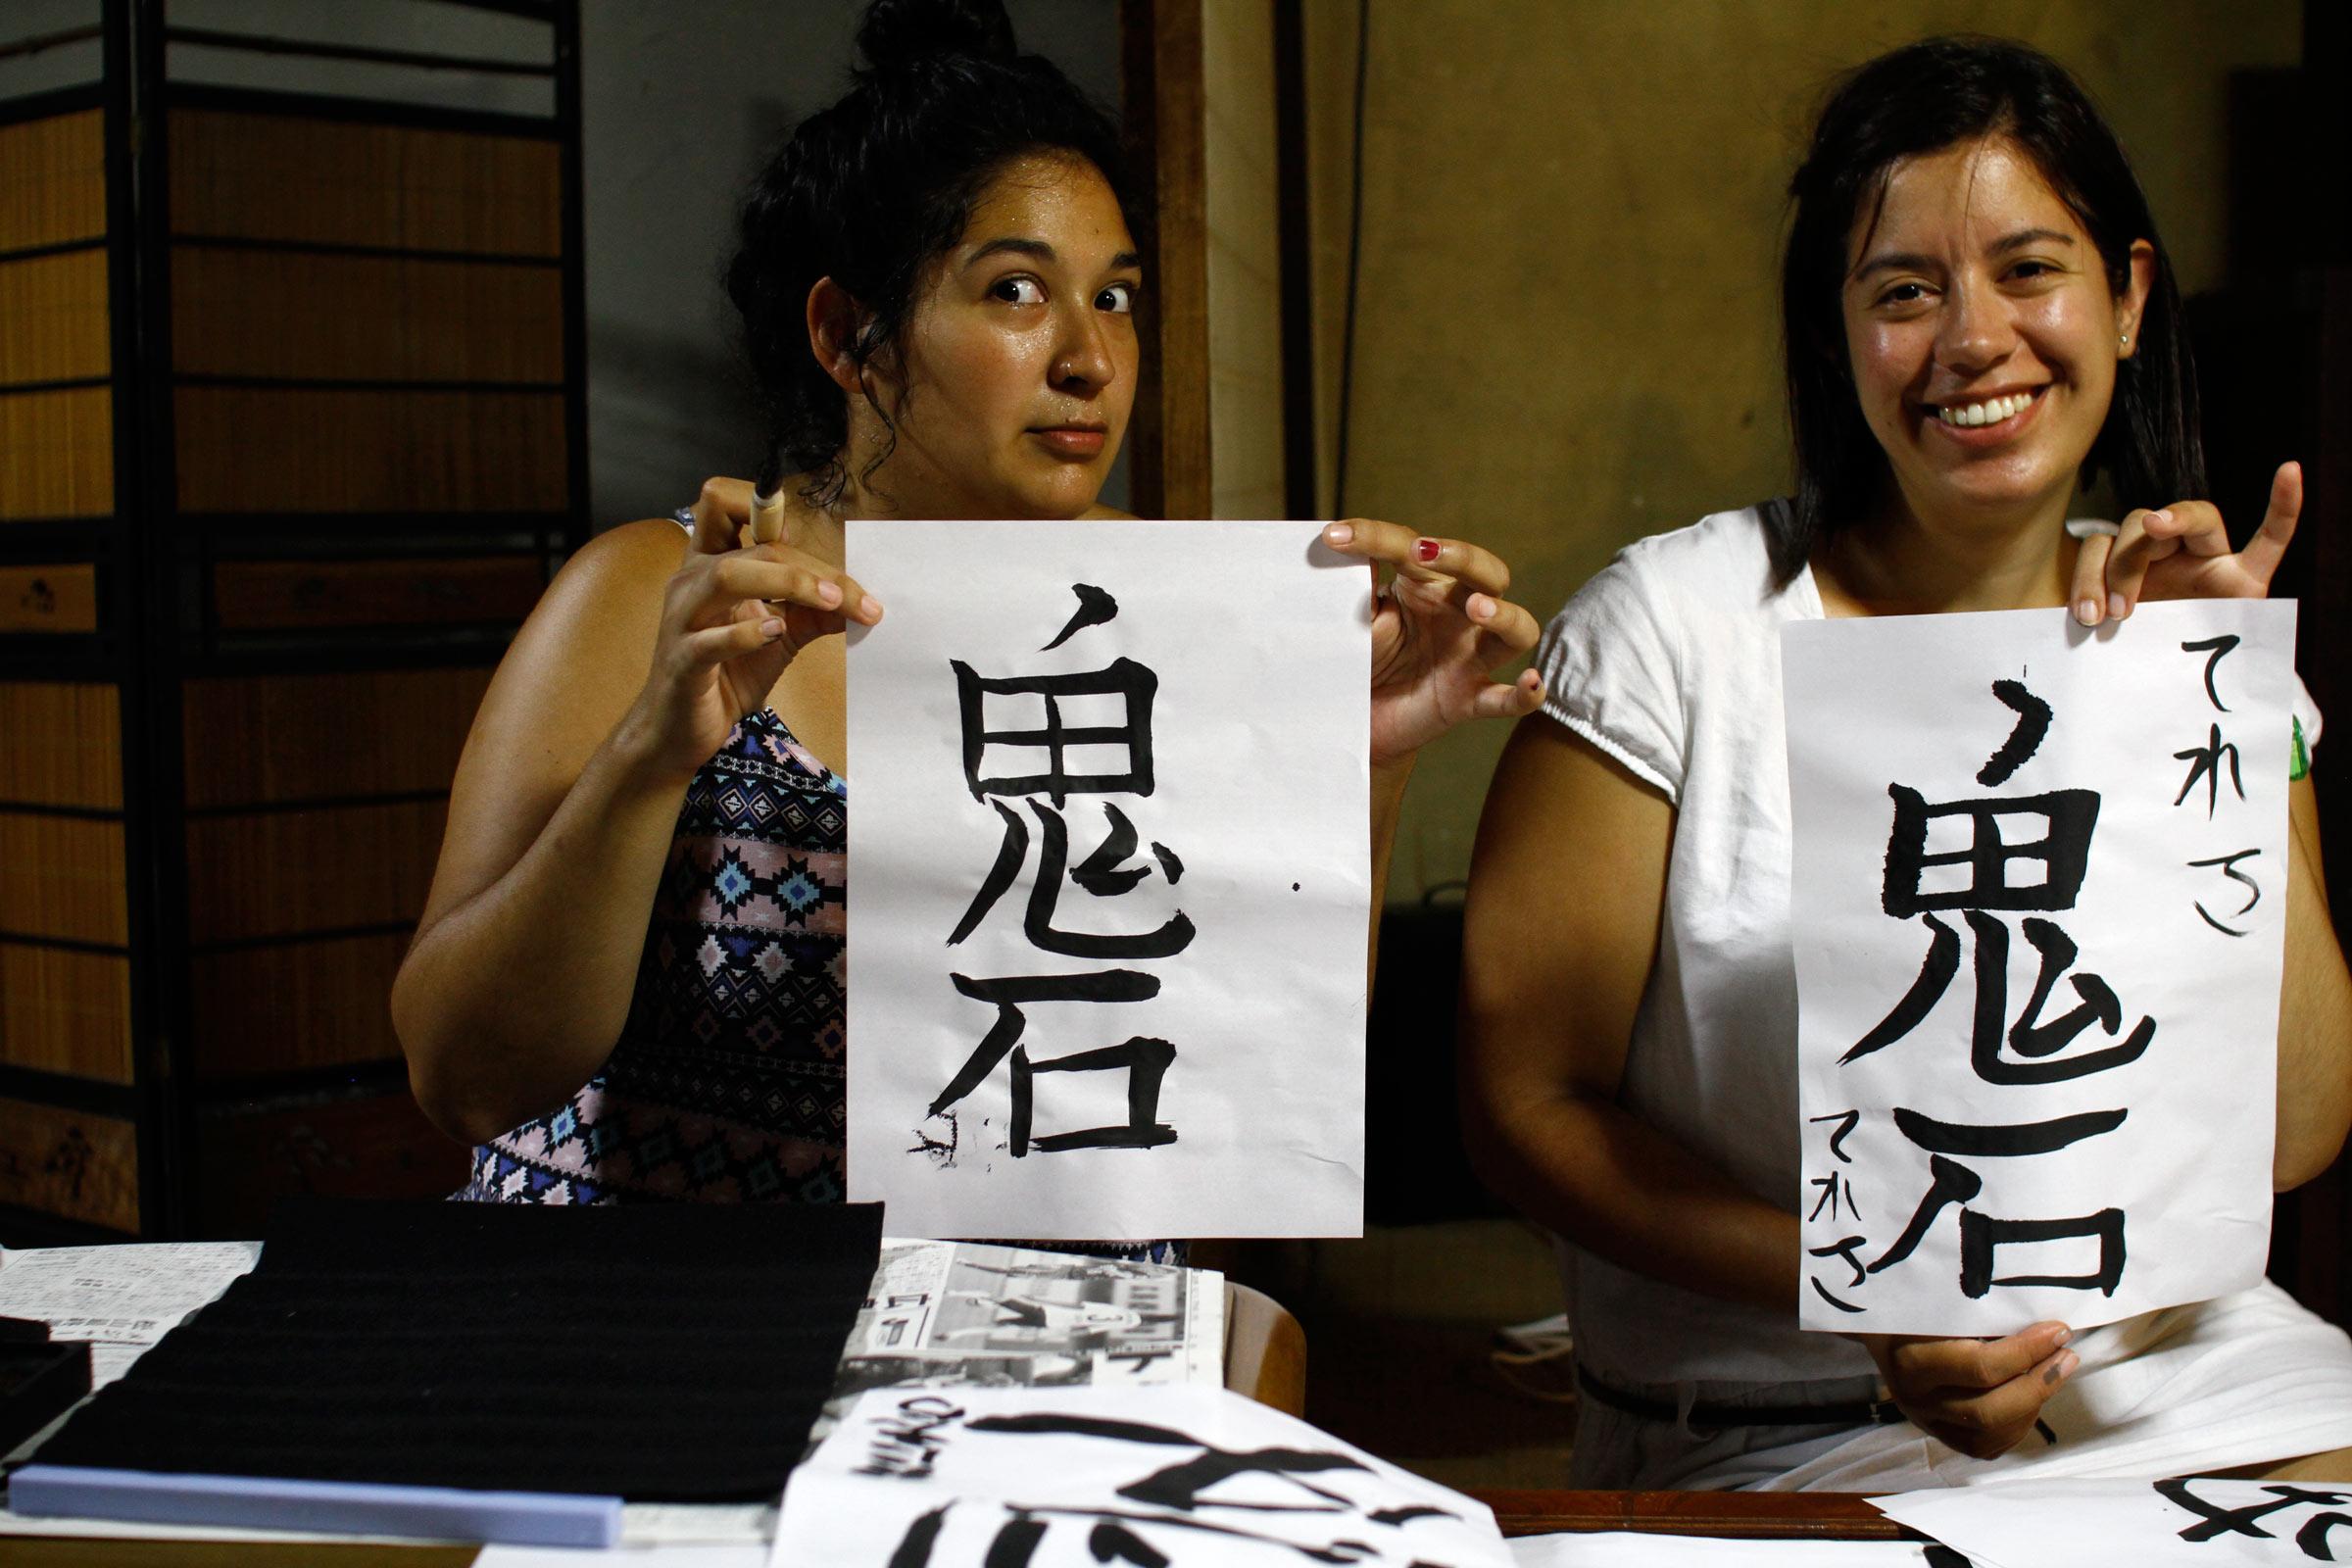 Art-Residency-Workshop-in-Japan-Japanese-Calligraphy-08